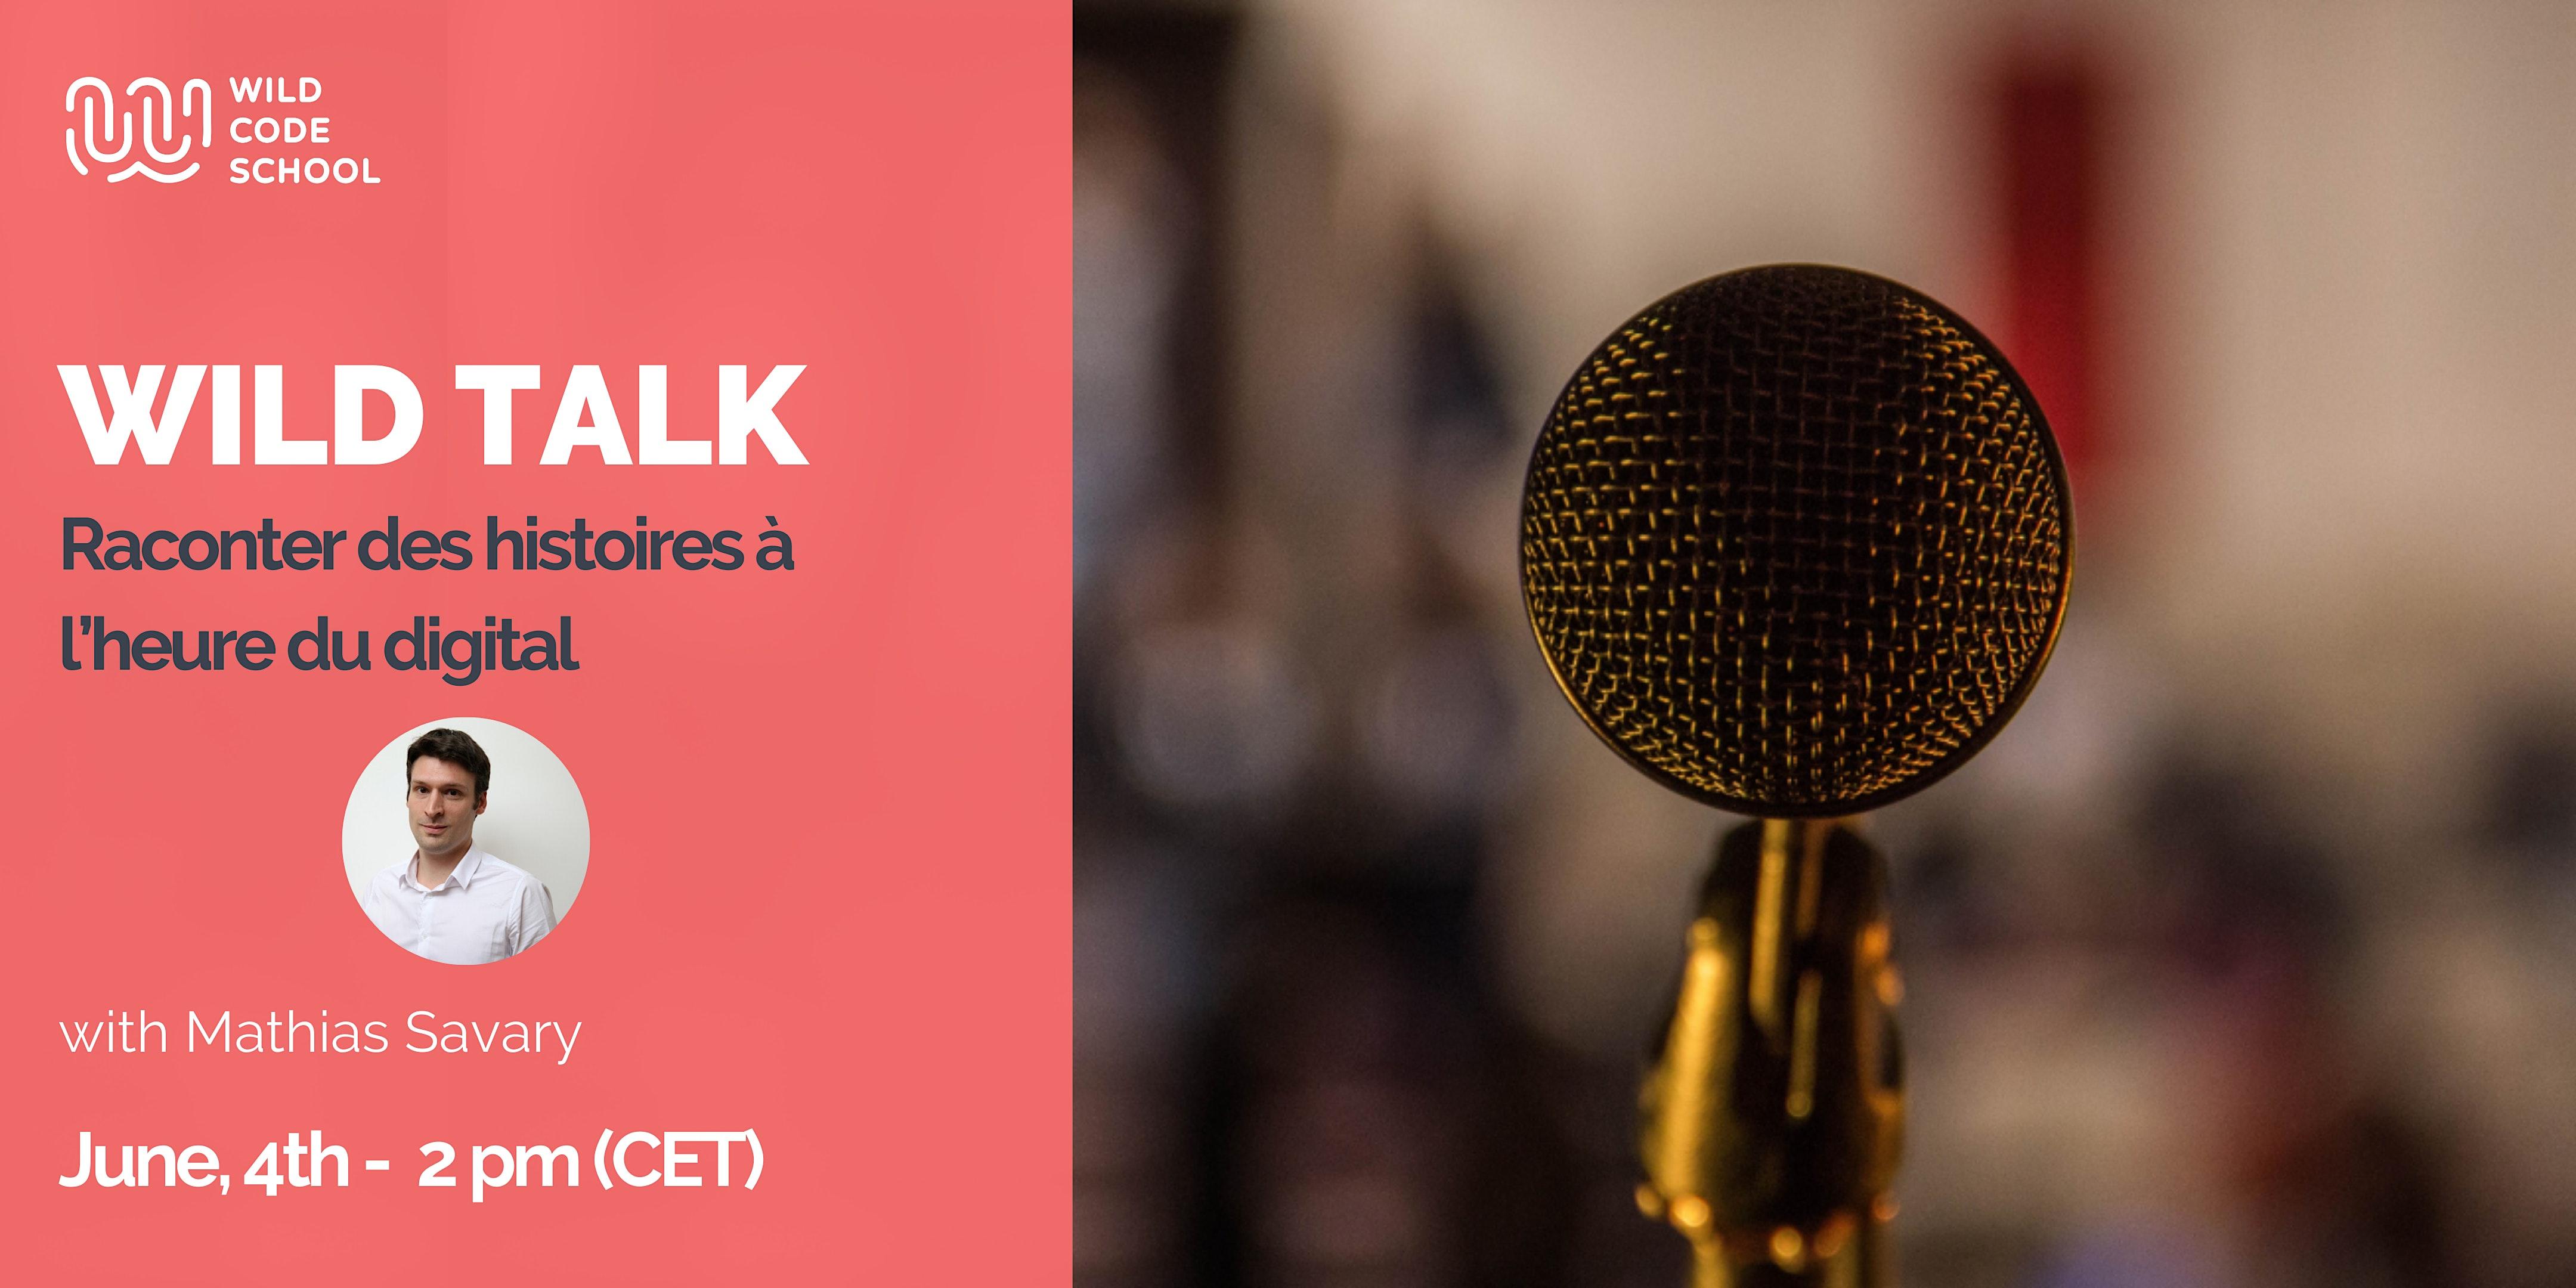 Wild Talk - Raconter des histoires à l'heure du digital